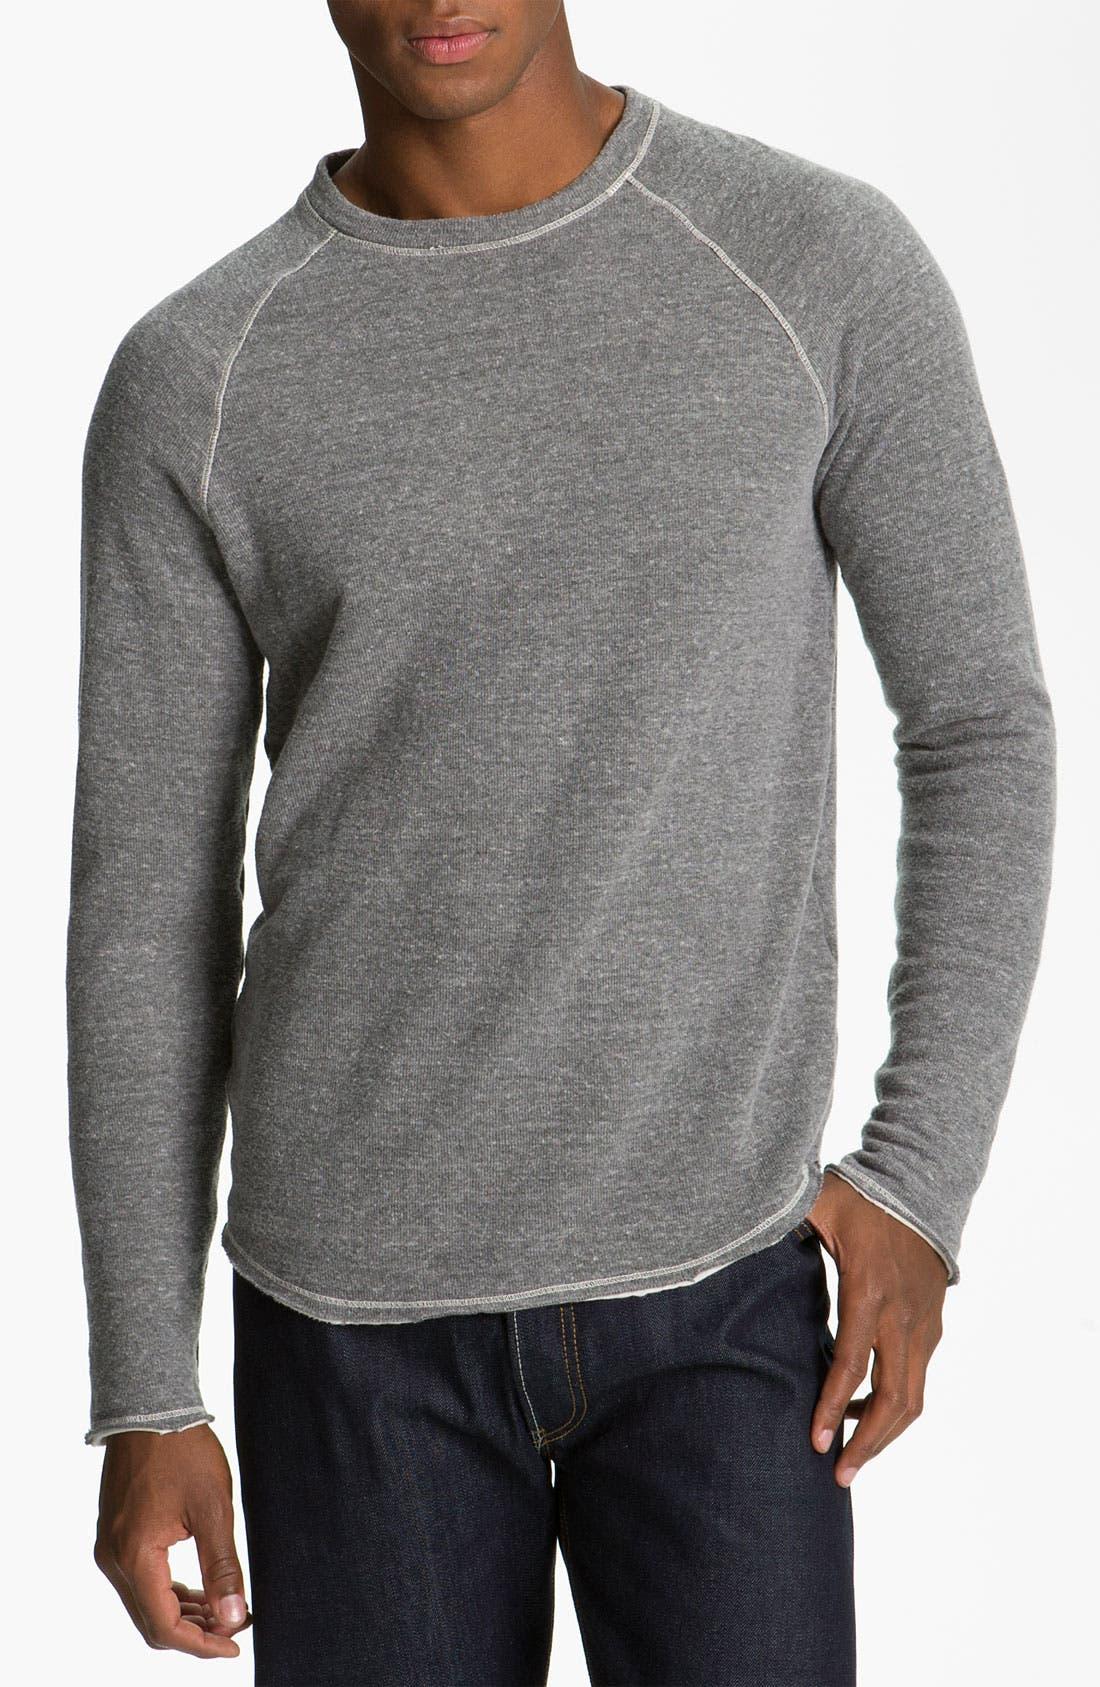 Alternate Image 1 Selected - Splendid Mills 'Everett' Crewneck Sweatshirt